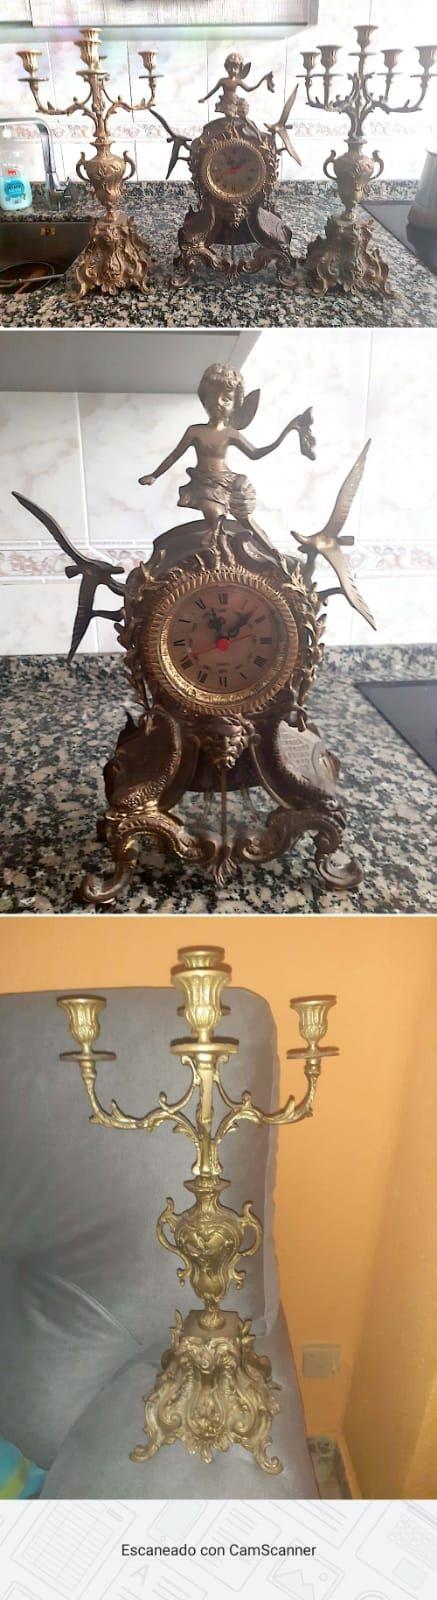 reloj bronce y candelabros precio a negociar